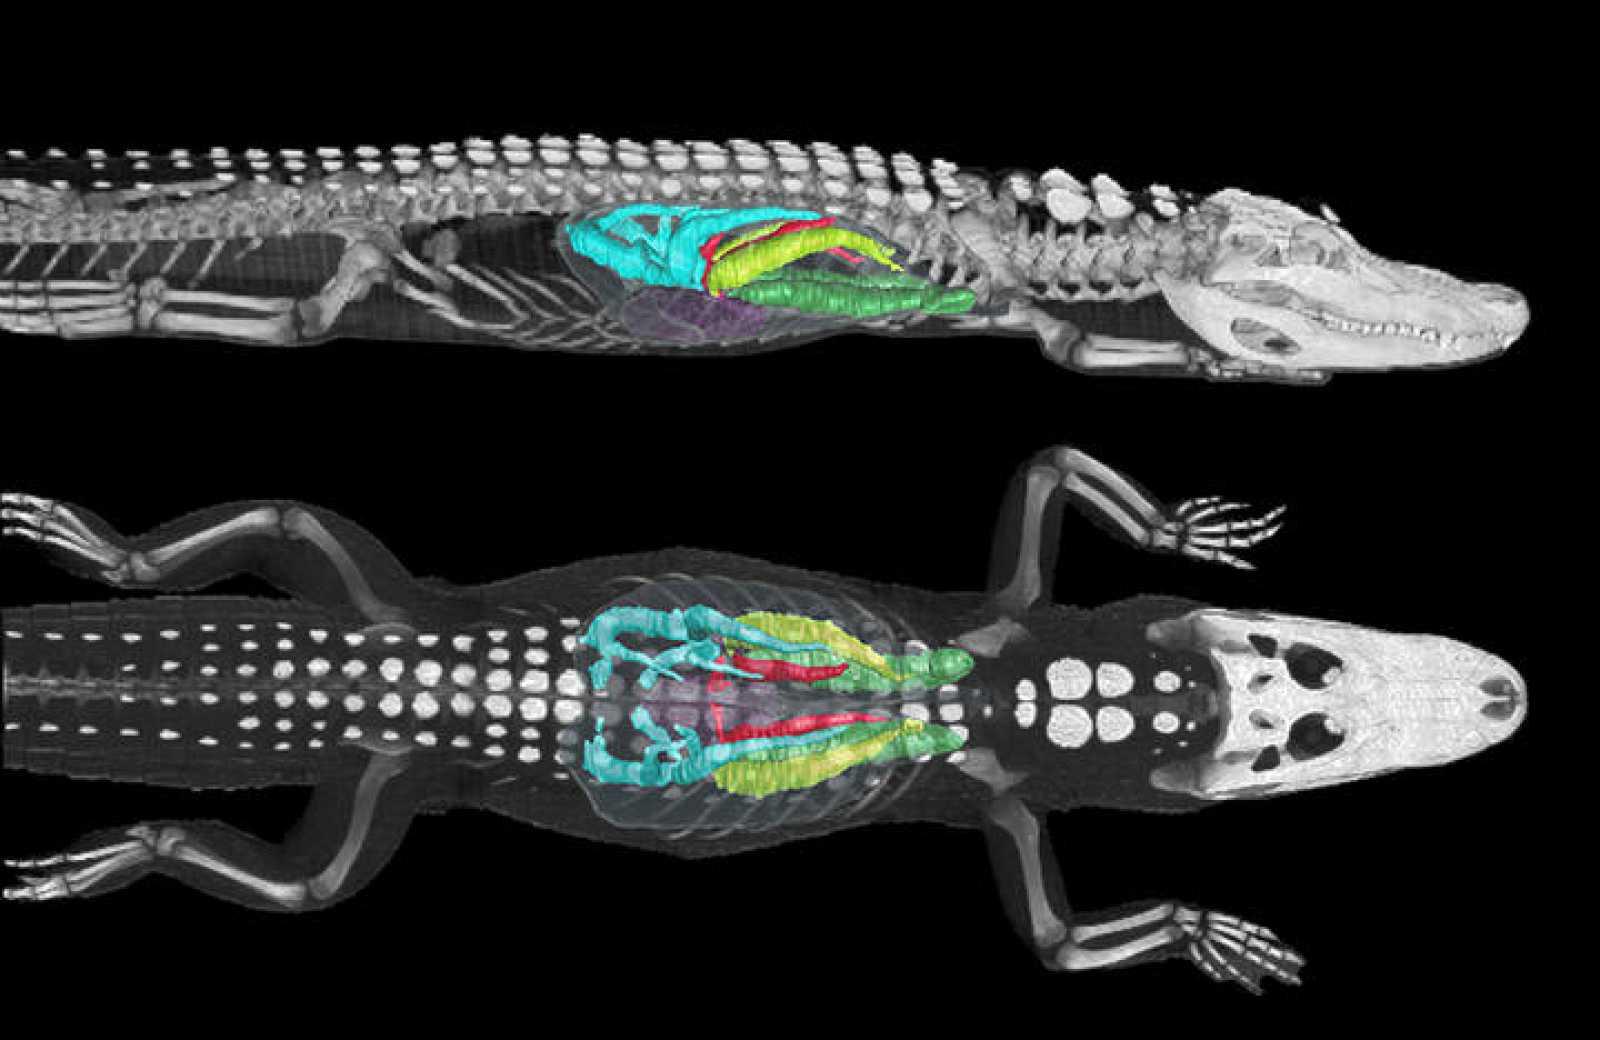 Imagen tomada mediante tomografía computerizada de los pulmones de un caimán americano de 11 kilogramos sumergido.